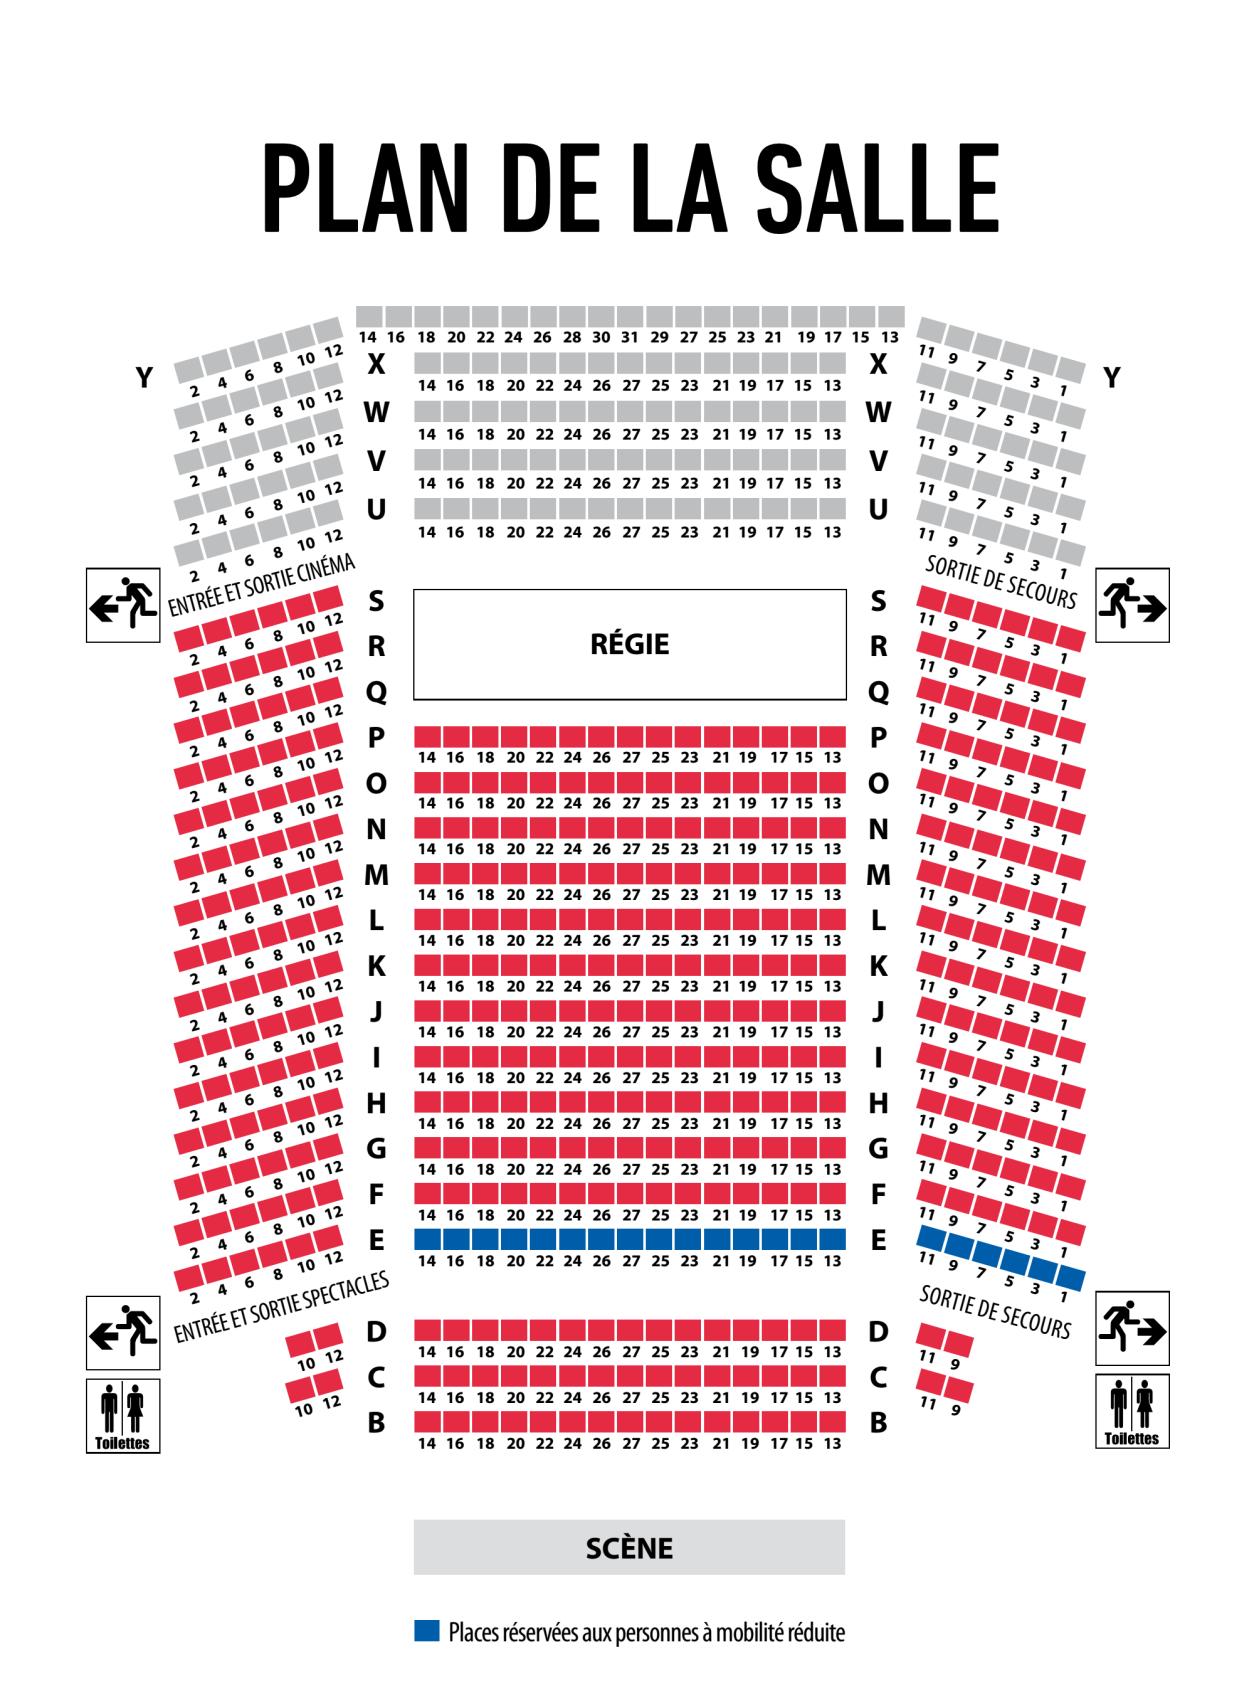 plan_de_salle_2020-2021.png